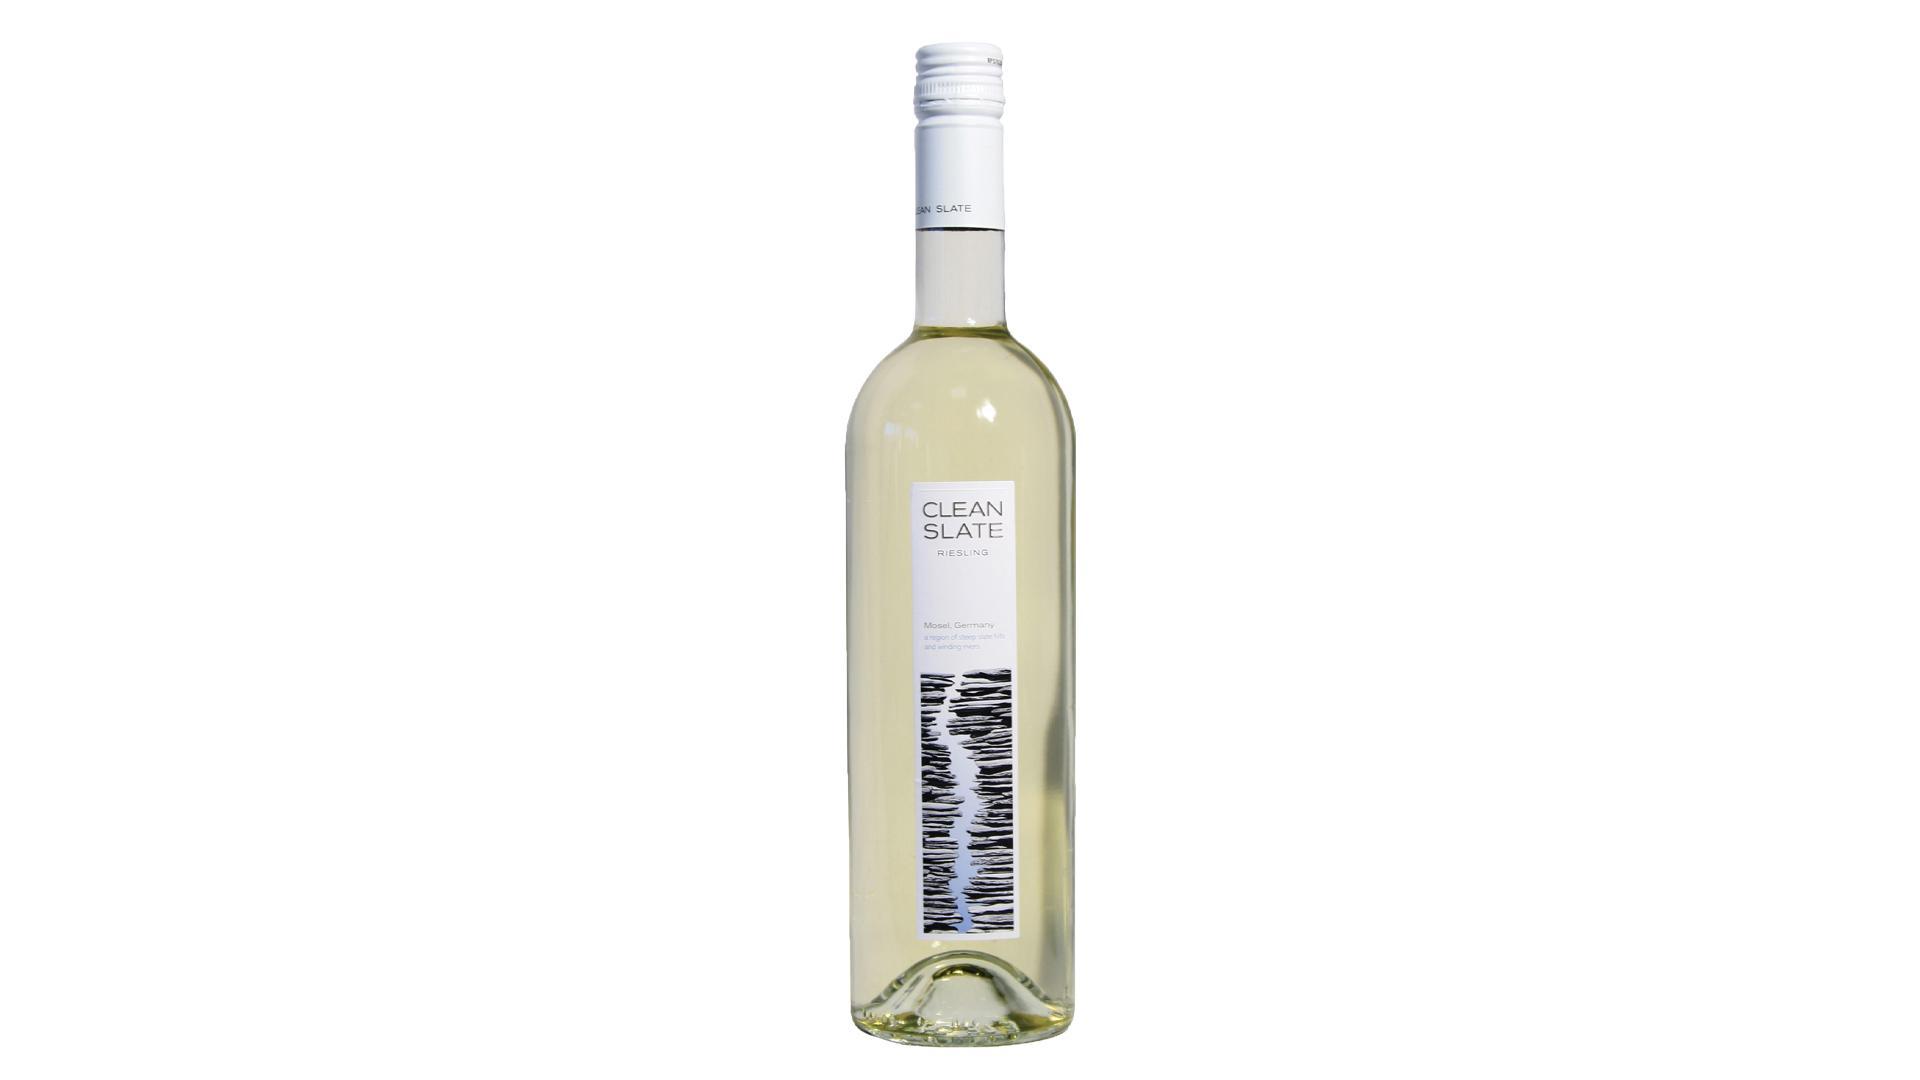 Wines of Germany | Clean Slate Riesling